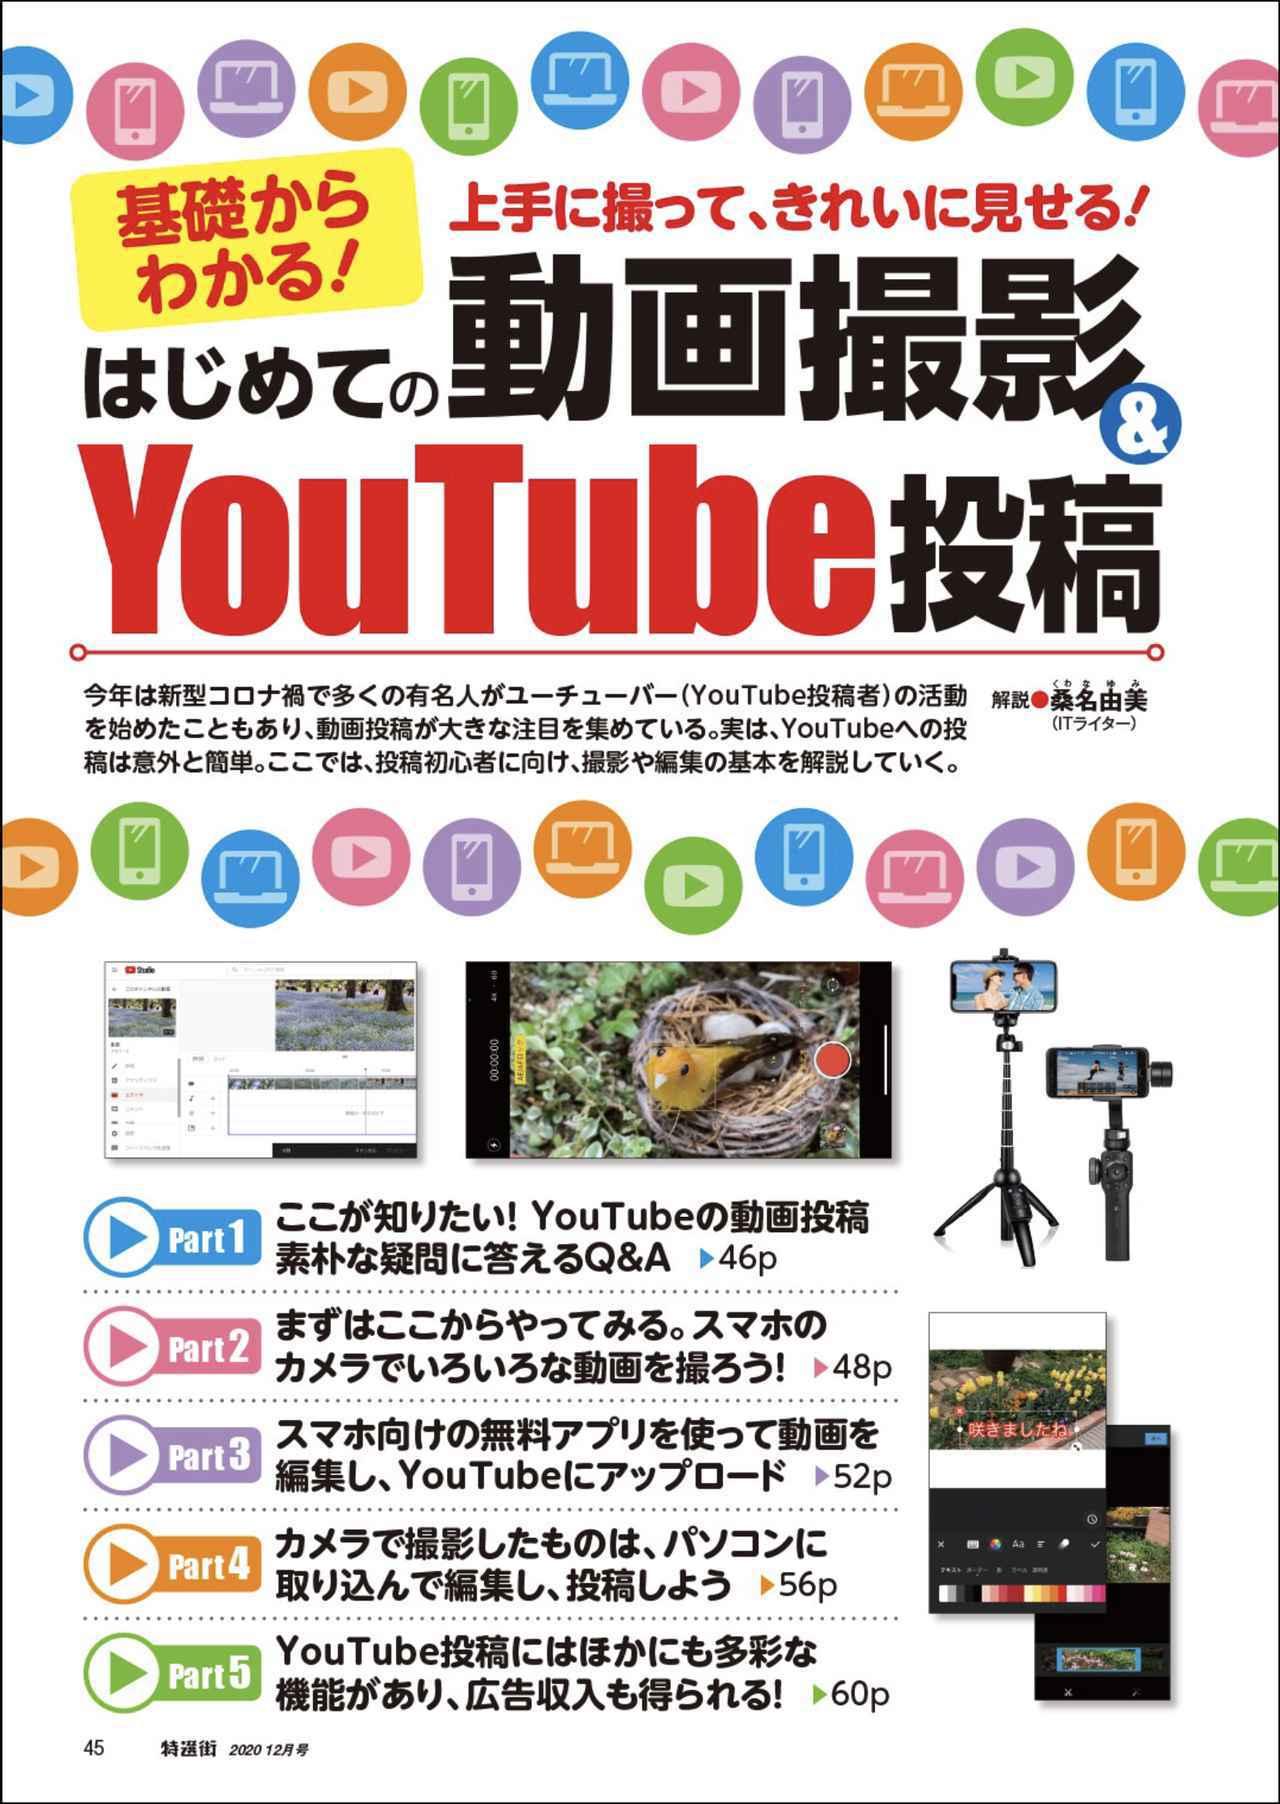 画像3: 【本日発売 特選街12月号】Wi-Fi&光回線の見直し、動画撮影&YouTube投稿、自転車選び、一眼カメラ辛口採点